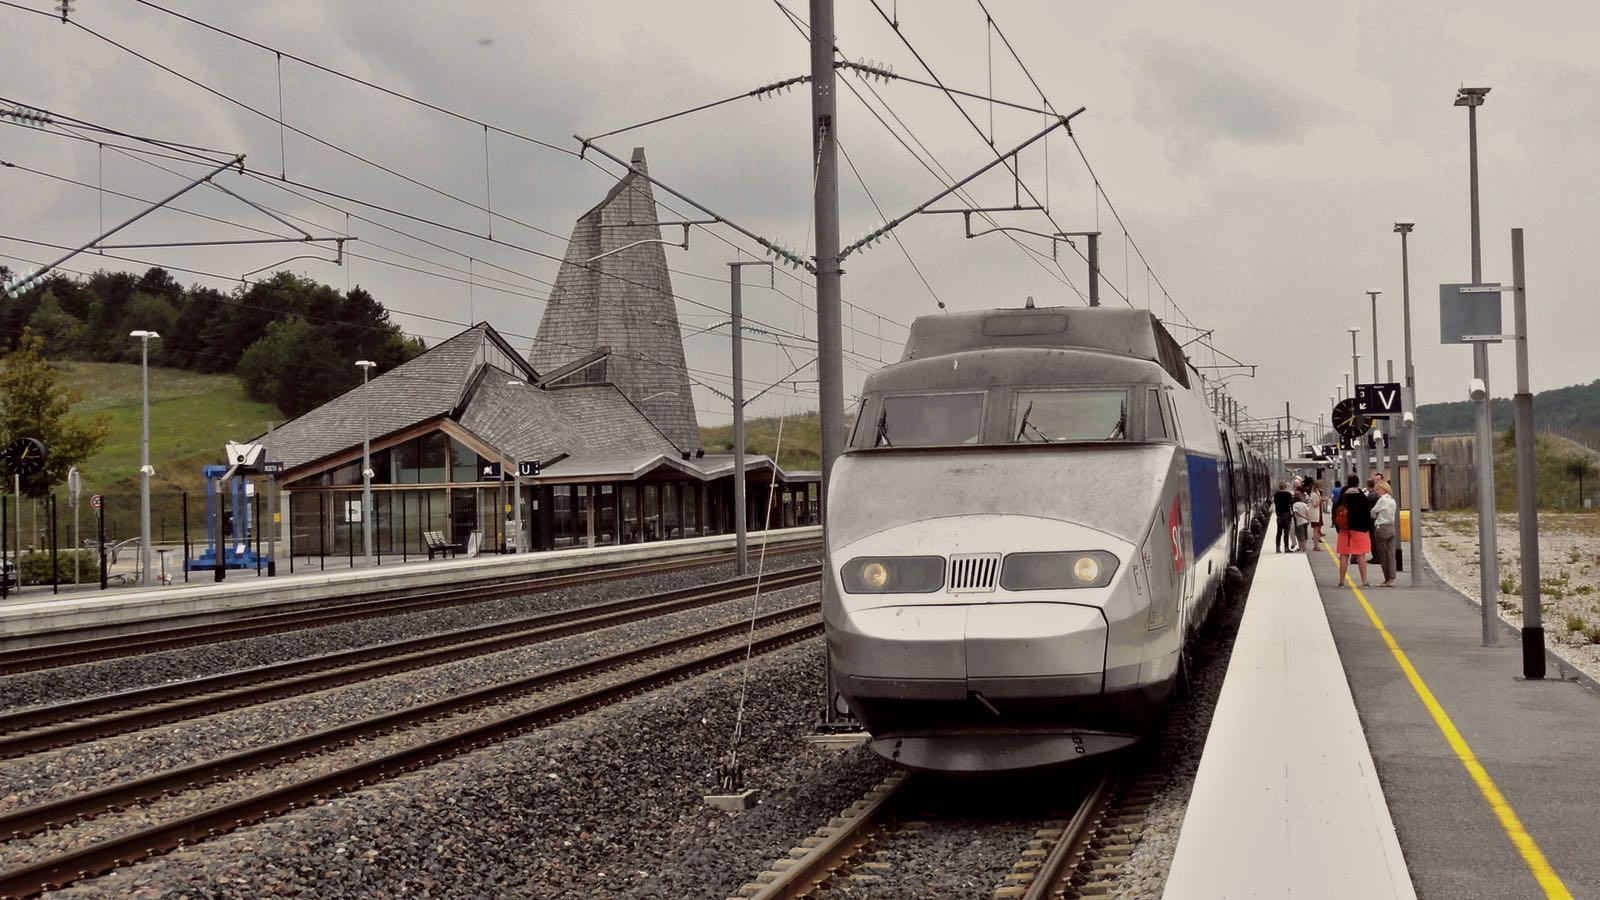 Réforme ferroviaire, libéralisation et privatisation